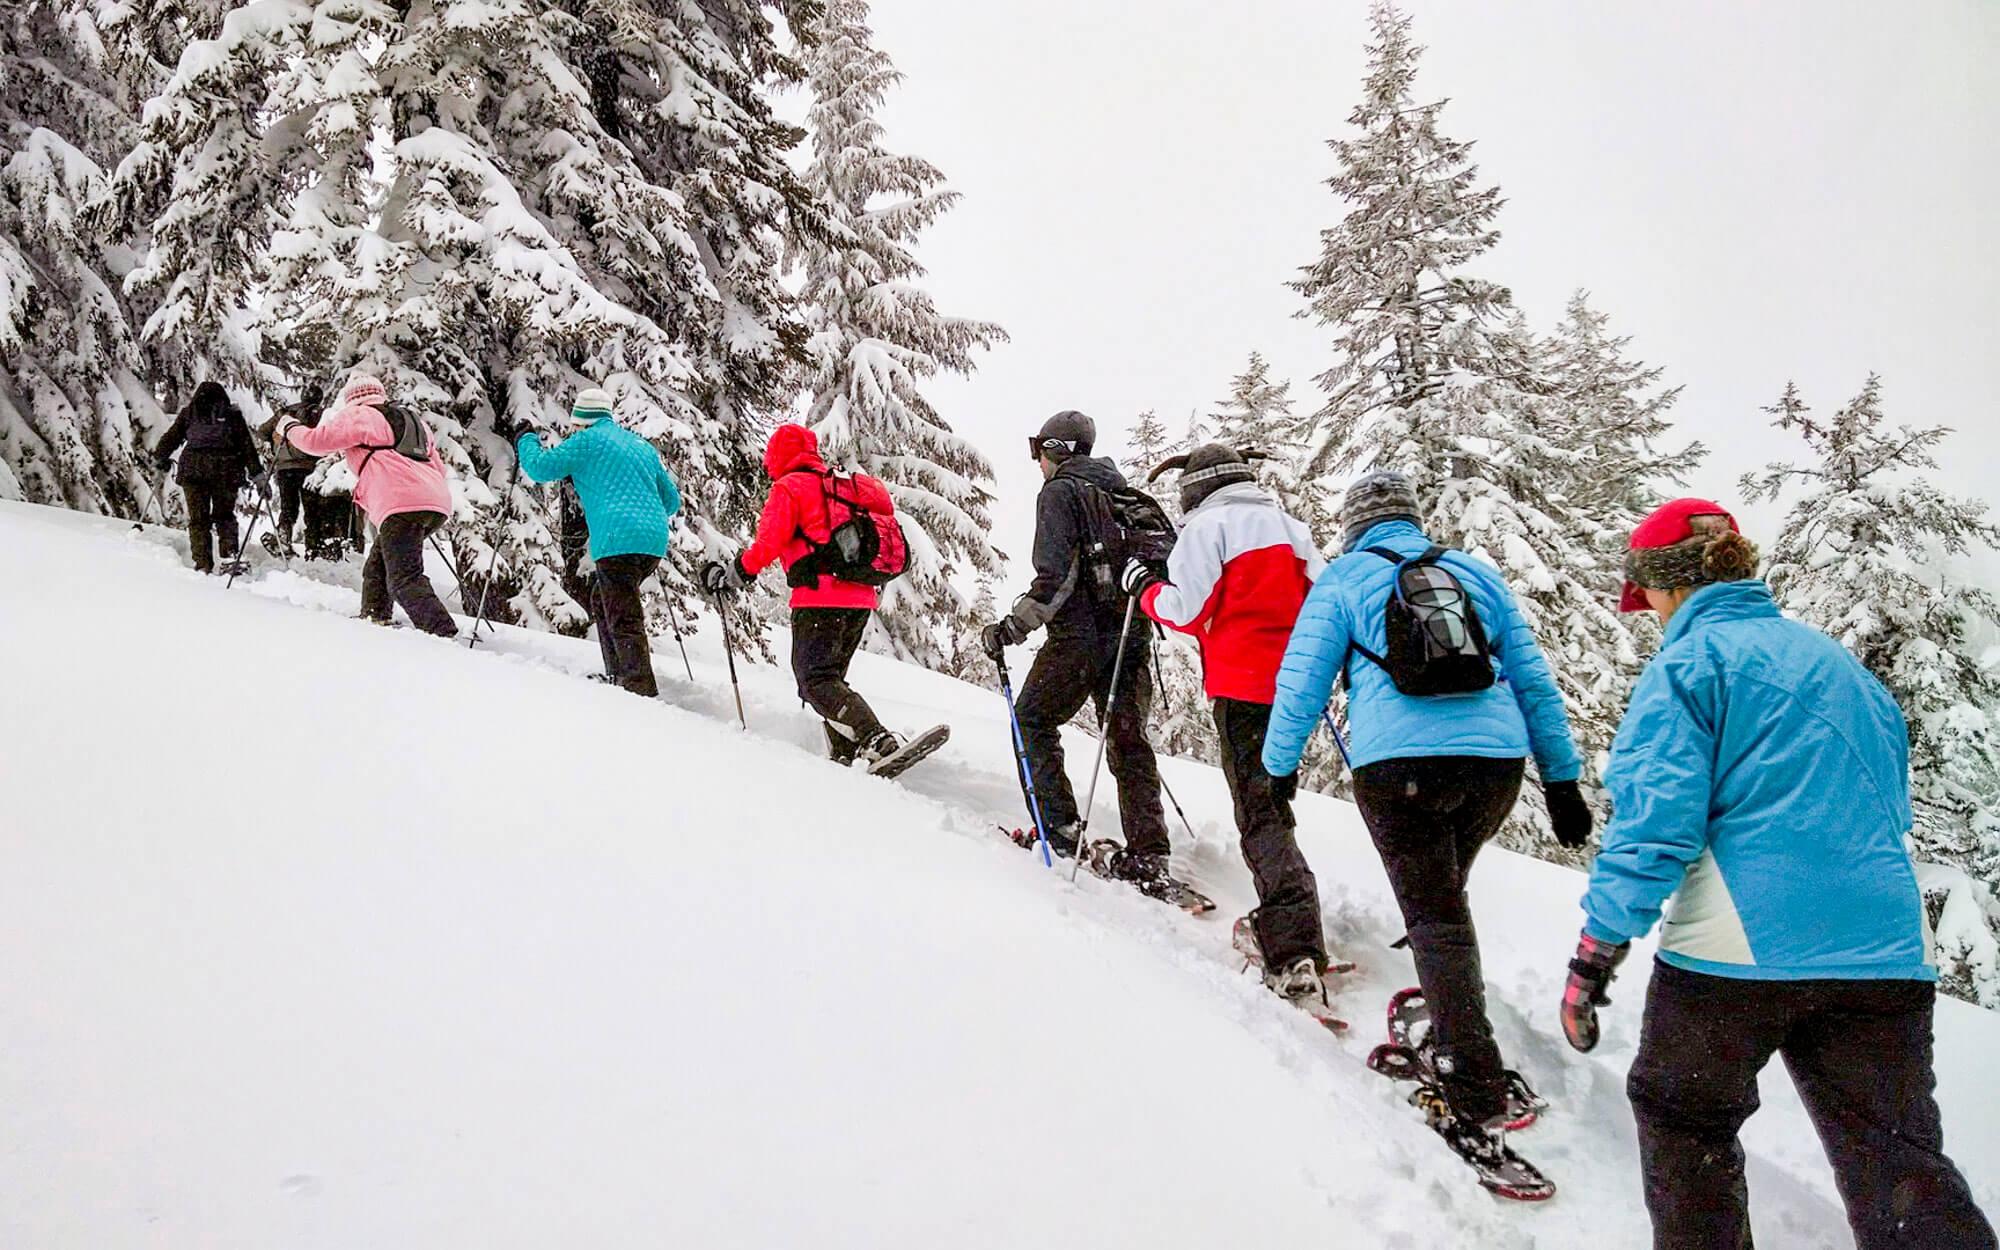 Randonnée en raquettes activité hivernale sport d'hiver